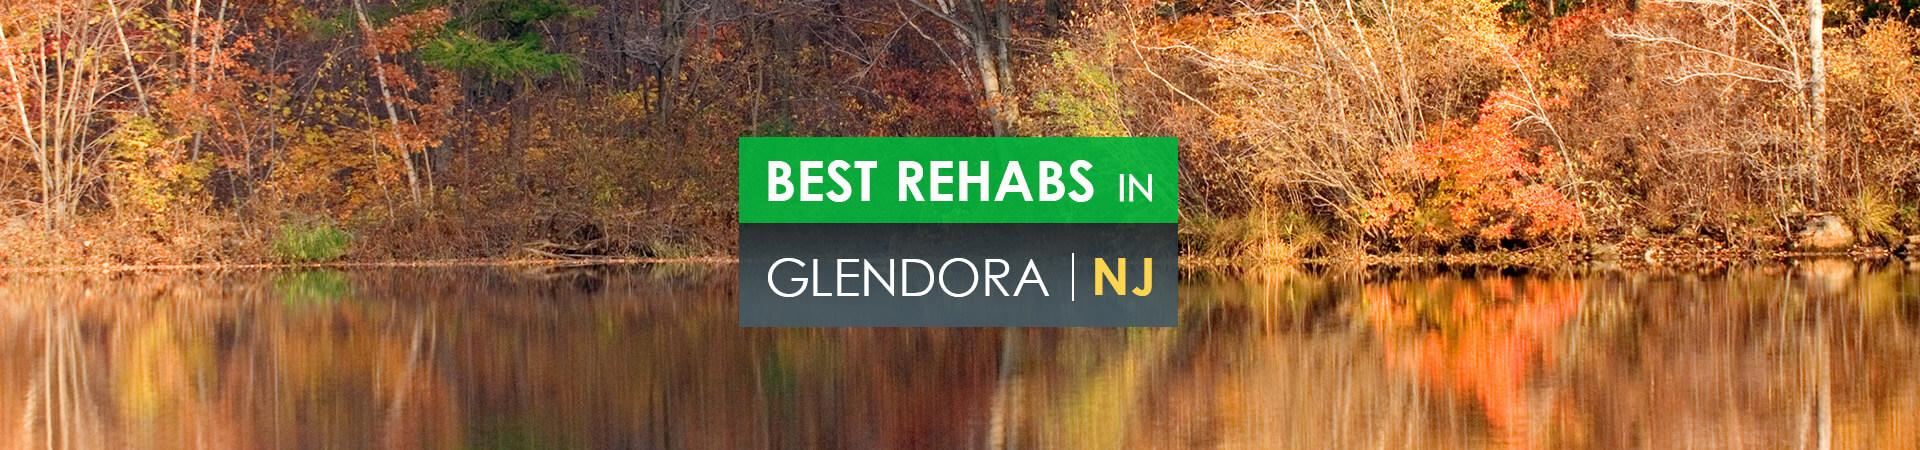 Best rehabs in Glendora, NJ